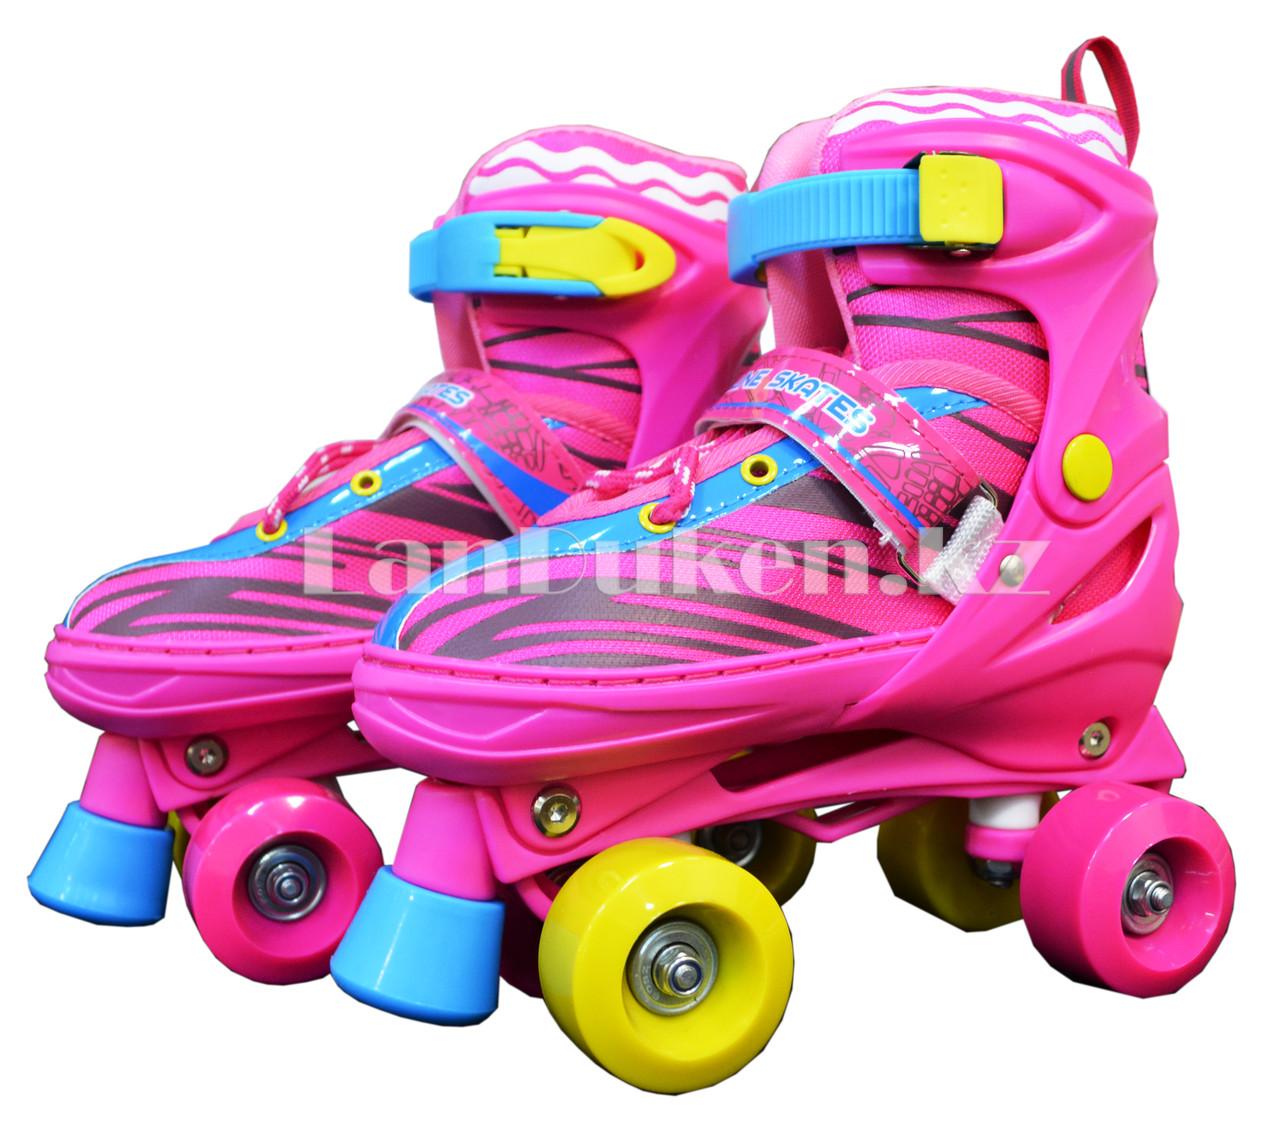 Ролики квады 4-х колесные раздвижные с прошивкой розовые - фото 1